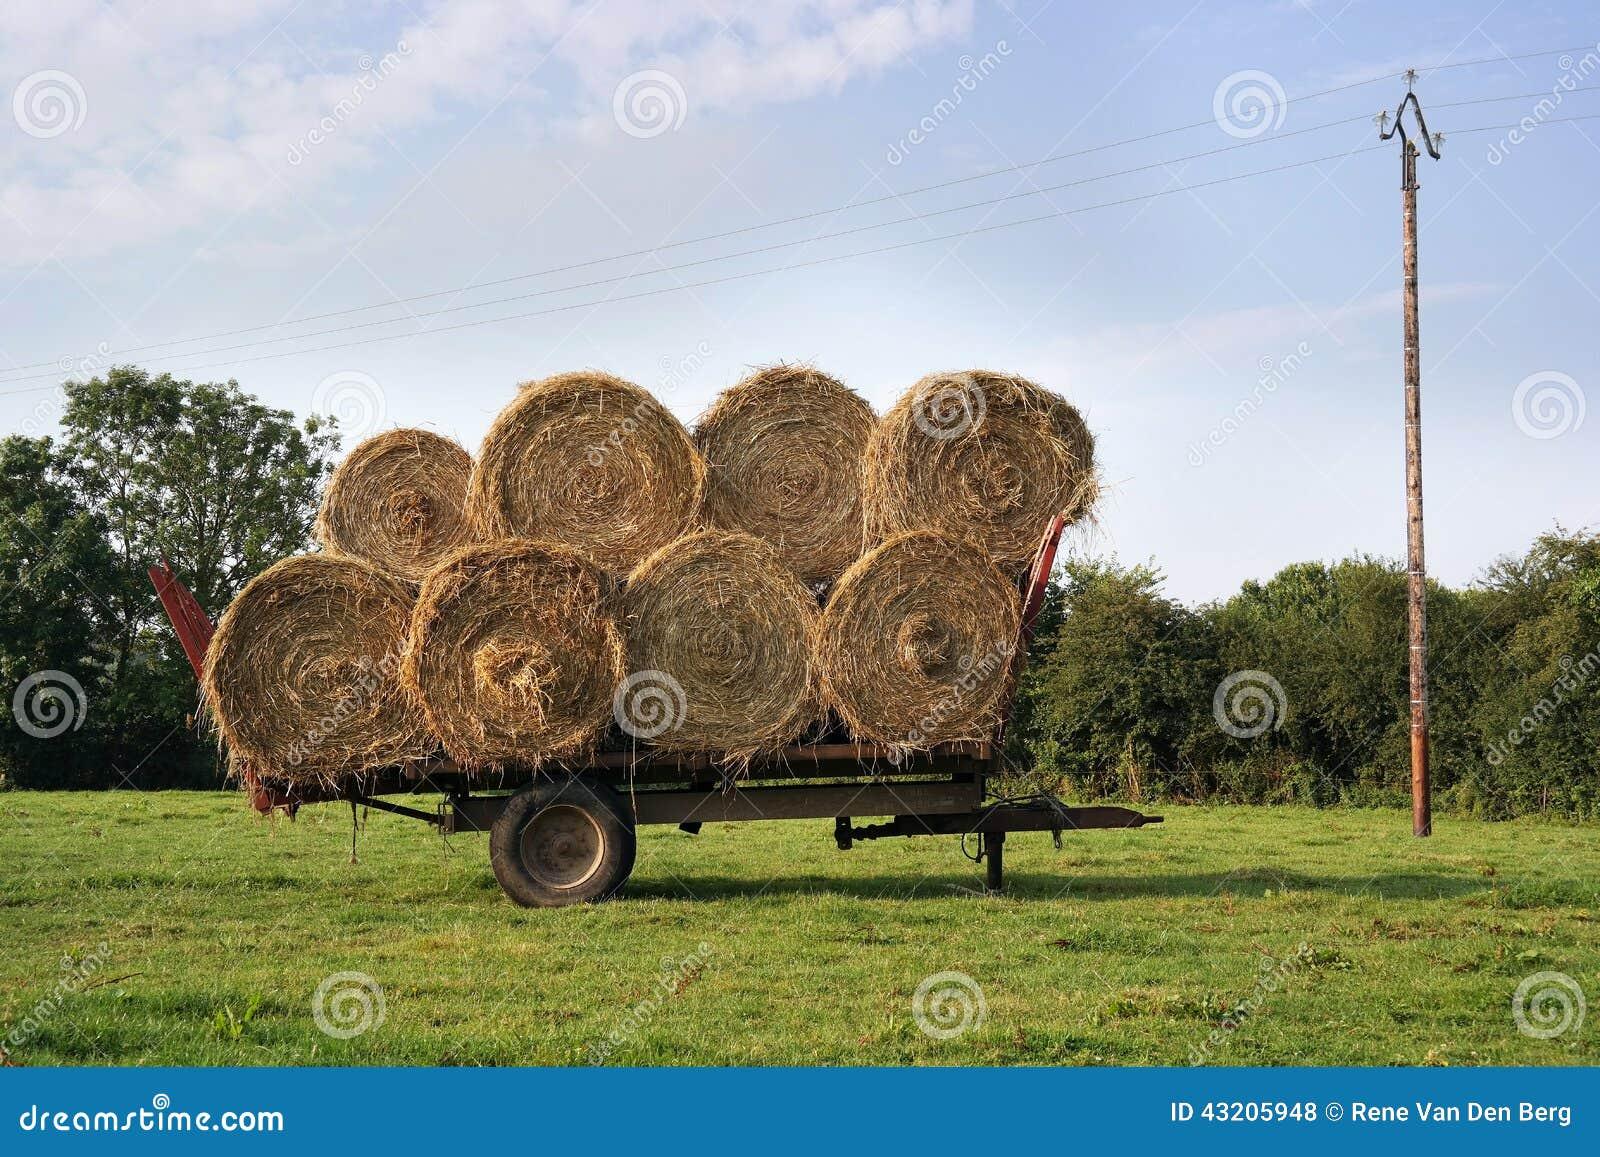 Download Sugrörvagn arkivfoto. Bild av land, påfyllning, skörd - 43205948